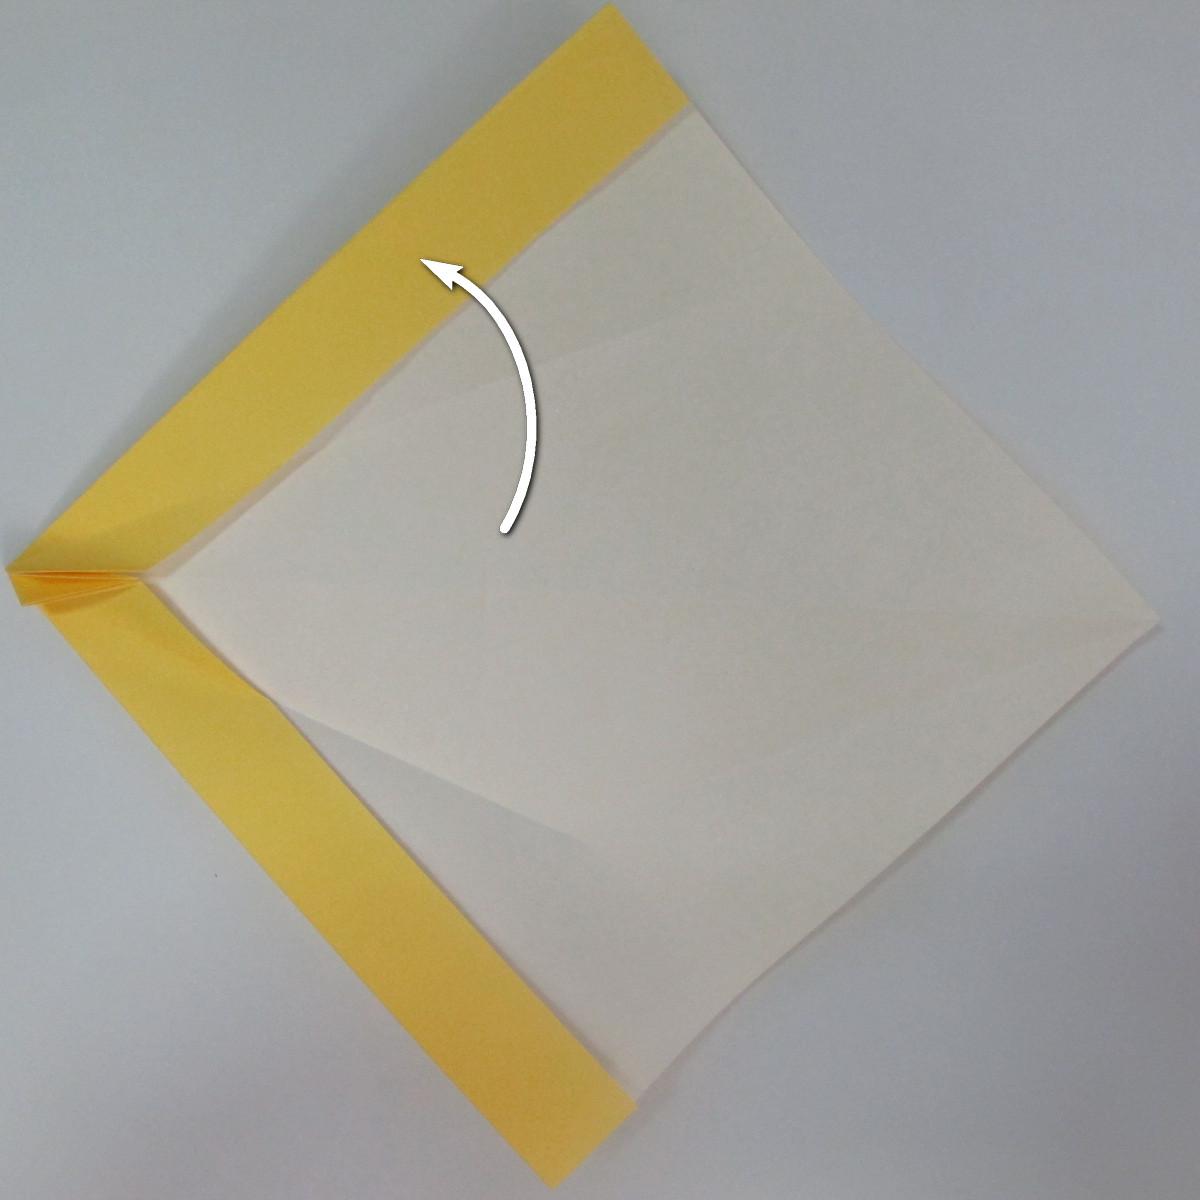 สอนวิธีพับกระดาษเป็นรูปลูกสุนัขยืนสองขา แบบของพอล ฟราสโก้ (Down Boy Dog Origami) 029